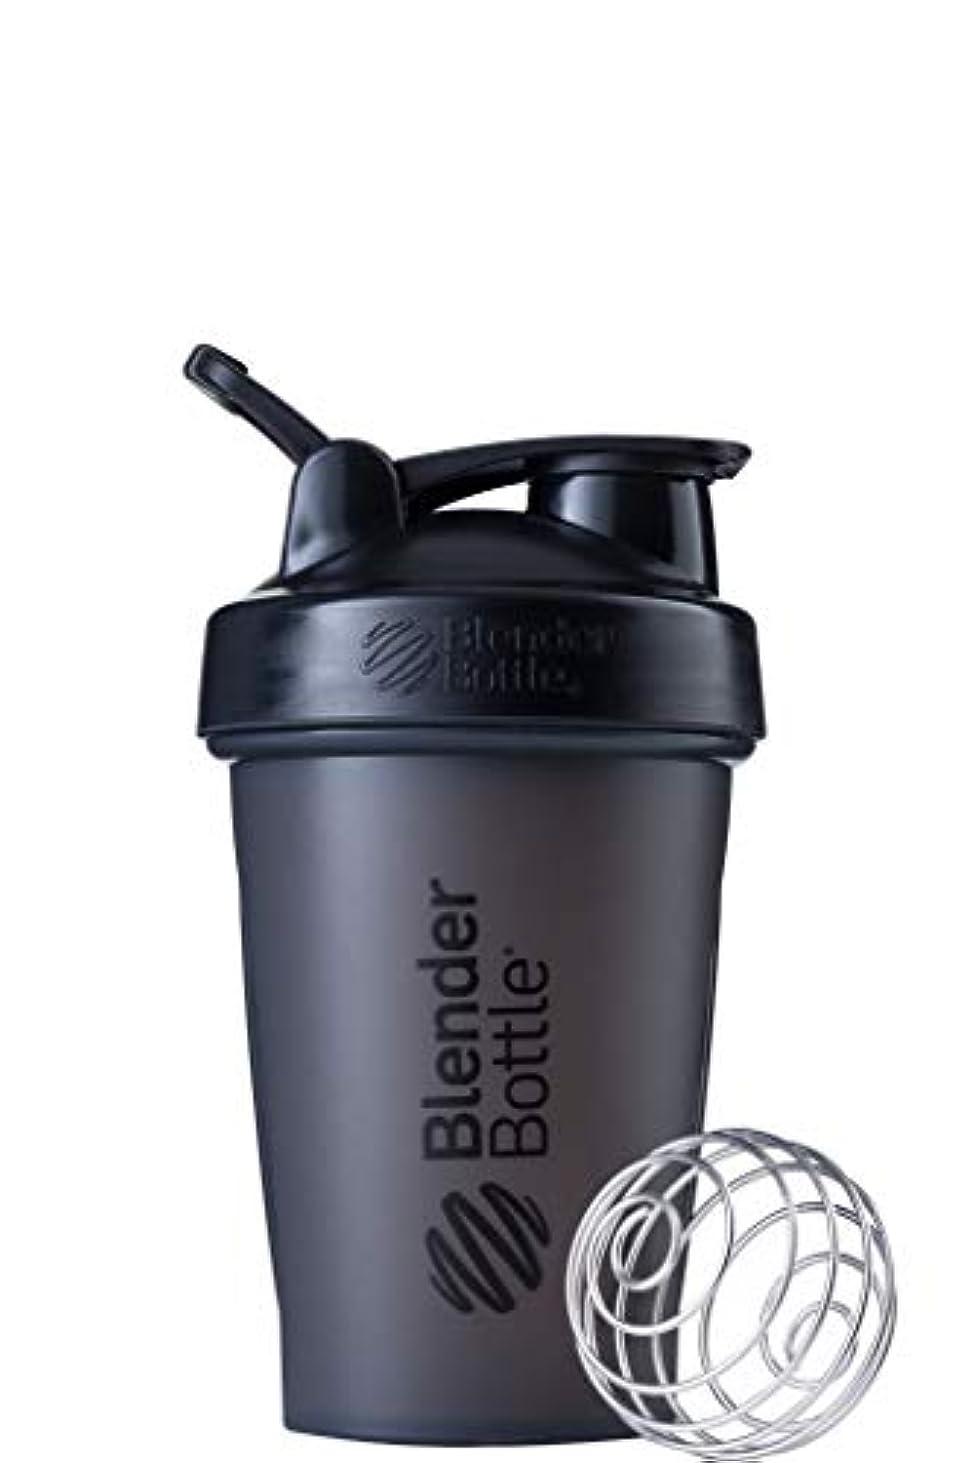 すみません手綱わざわざブレンダーボトル 【日本正規品】 ミキサー シェーカー ボトル Classic 20オンス (600ml) ブラック BBCLE20 FCBK